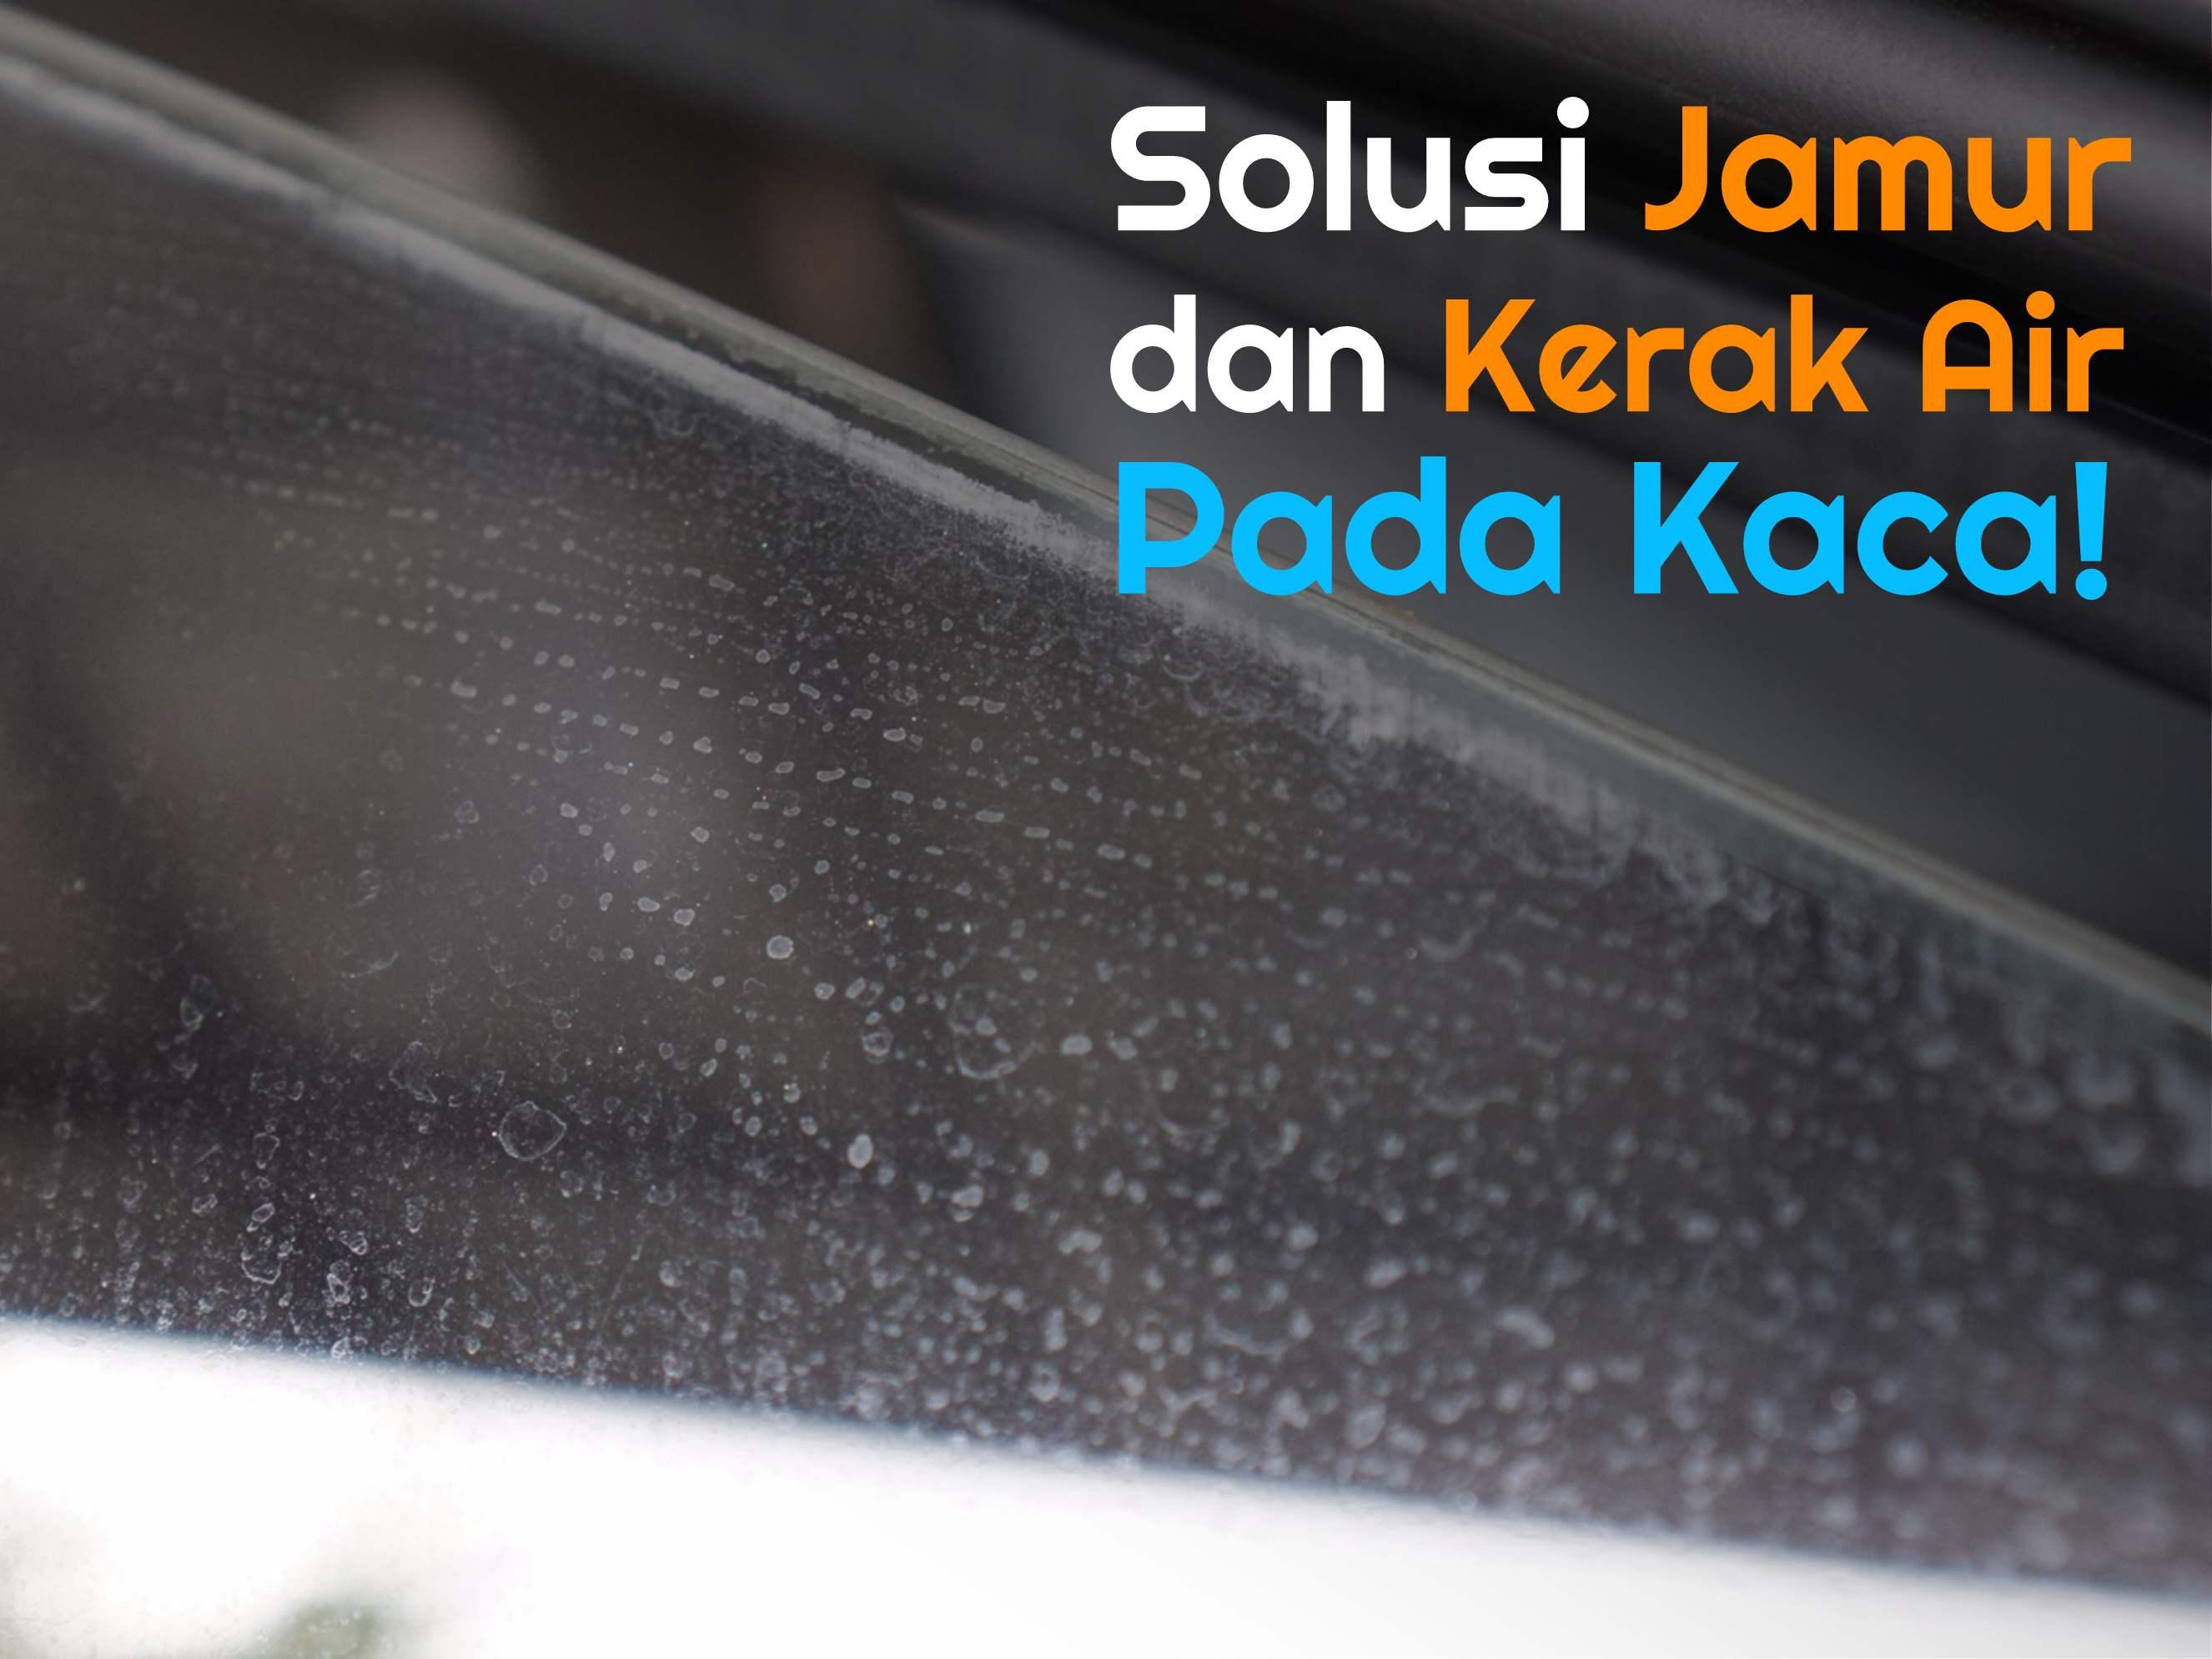 Solusi Jamur dan Kerak Air Pada Kaca Mobil